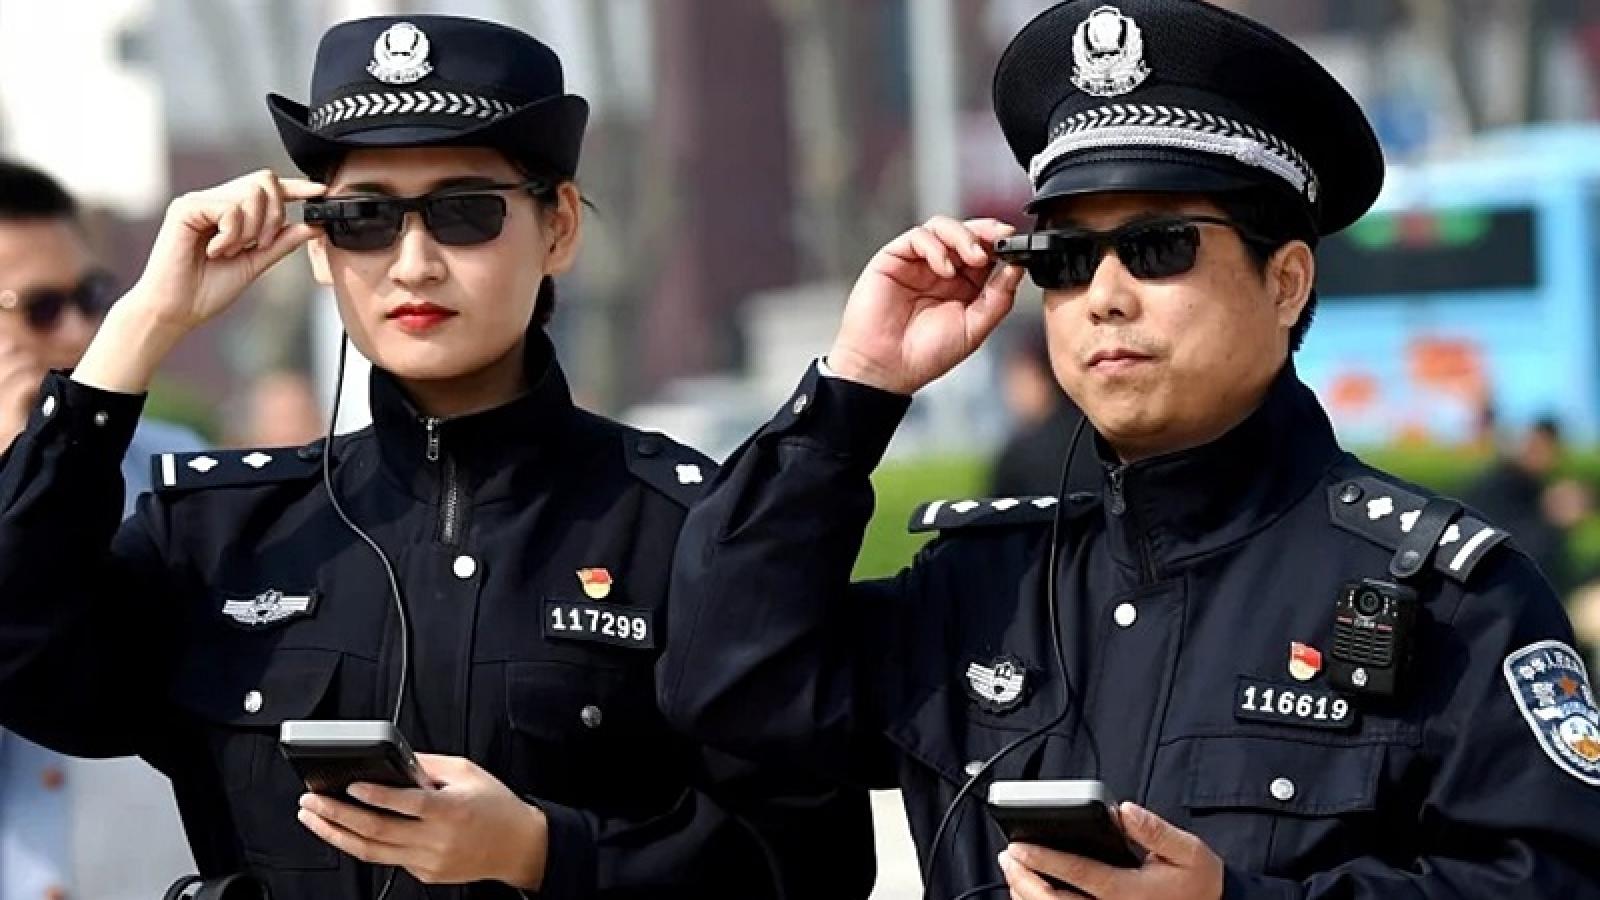 Trung Quốc dọa bắt giữ công dân Mỹ để trả đũa